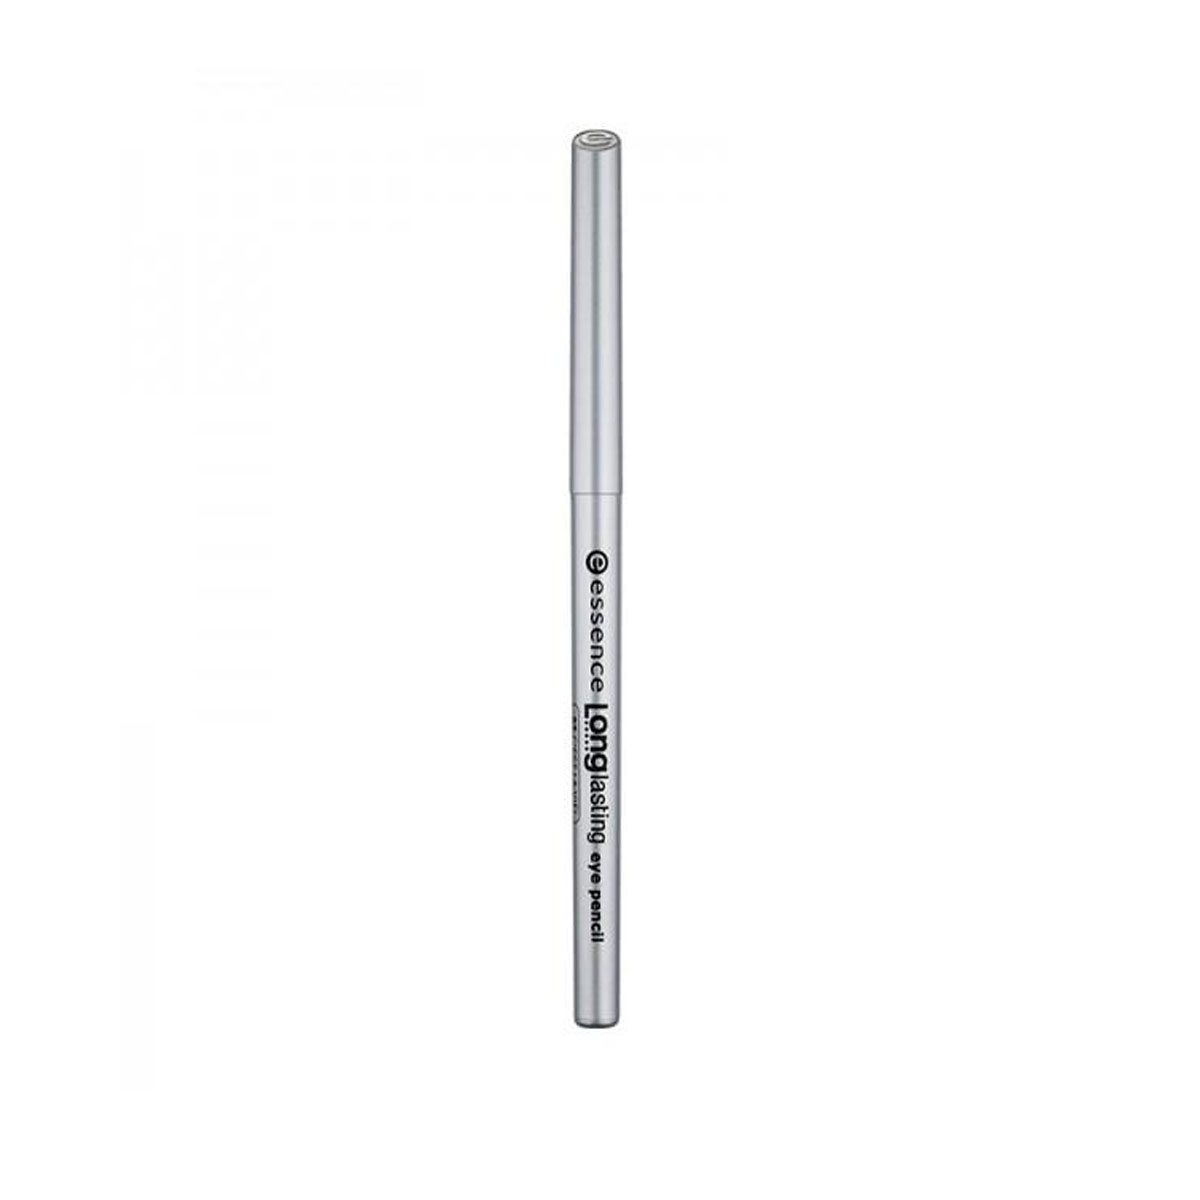 قلم تحديد العيون ايسنس طويل الامد رقم 524698